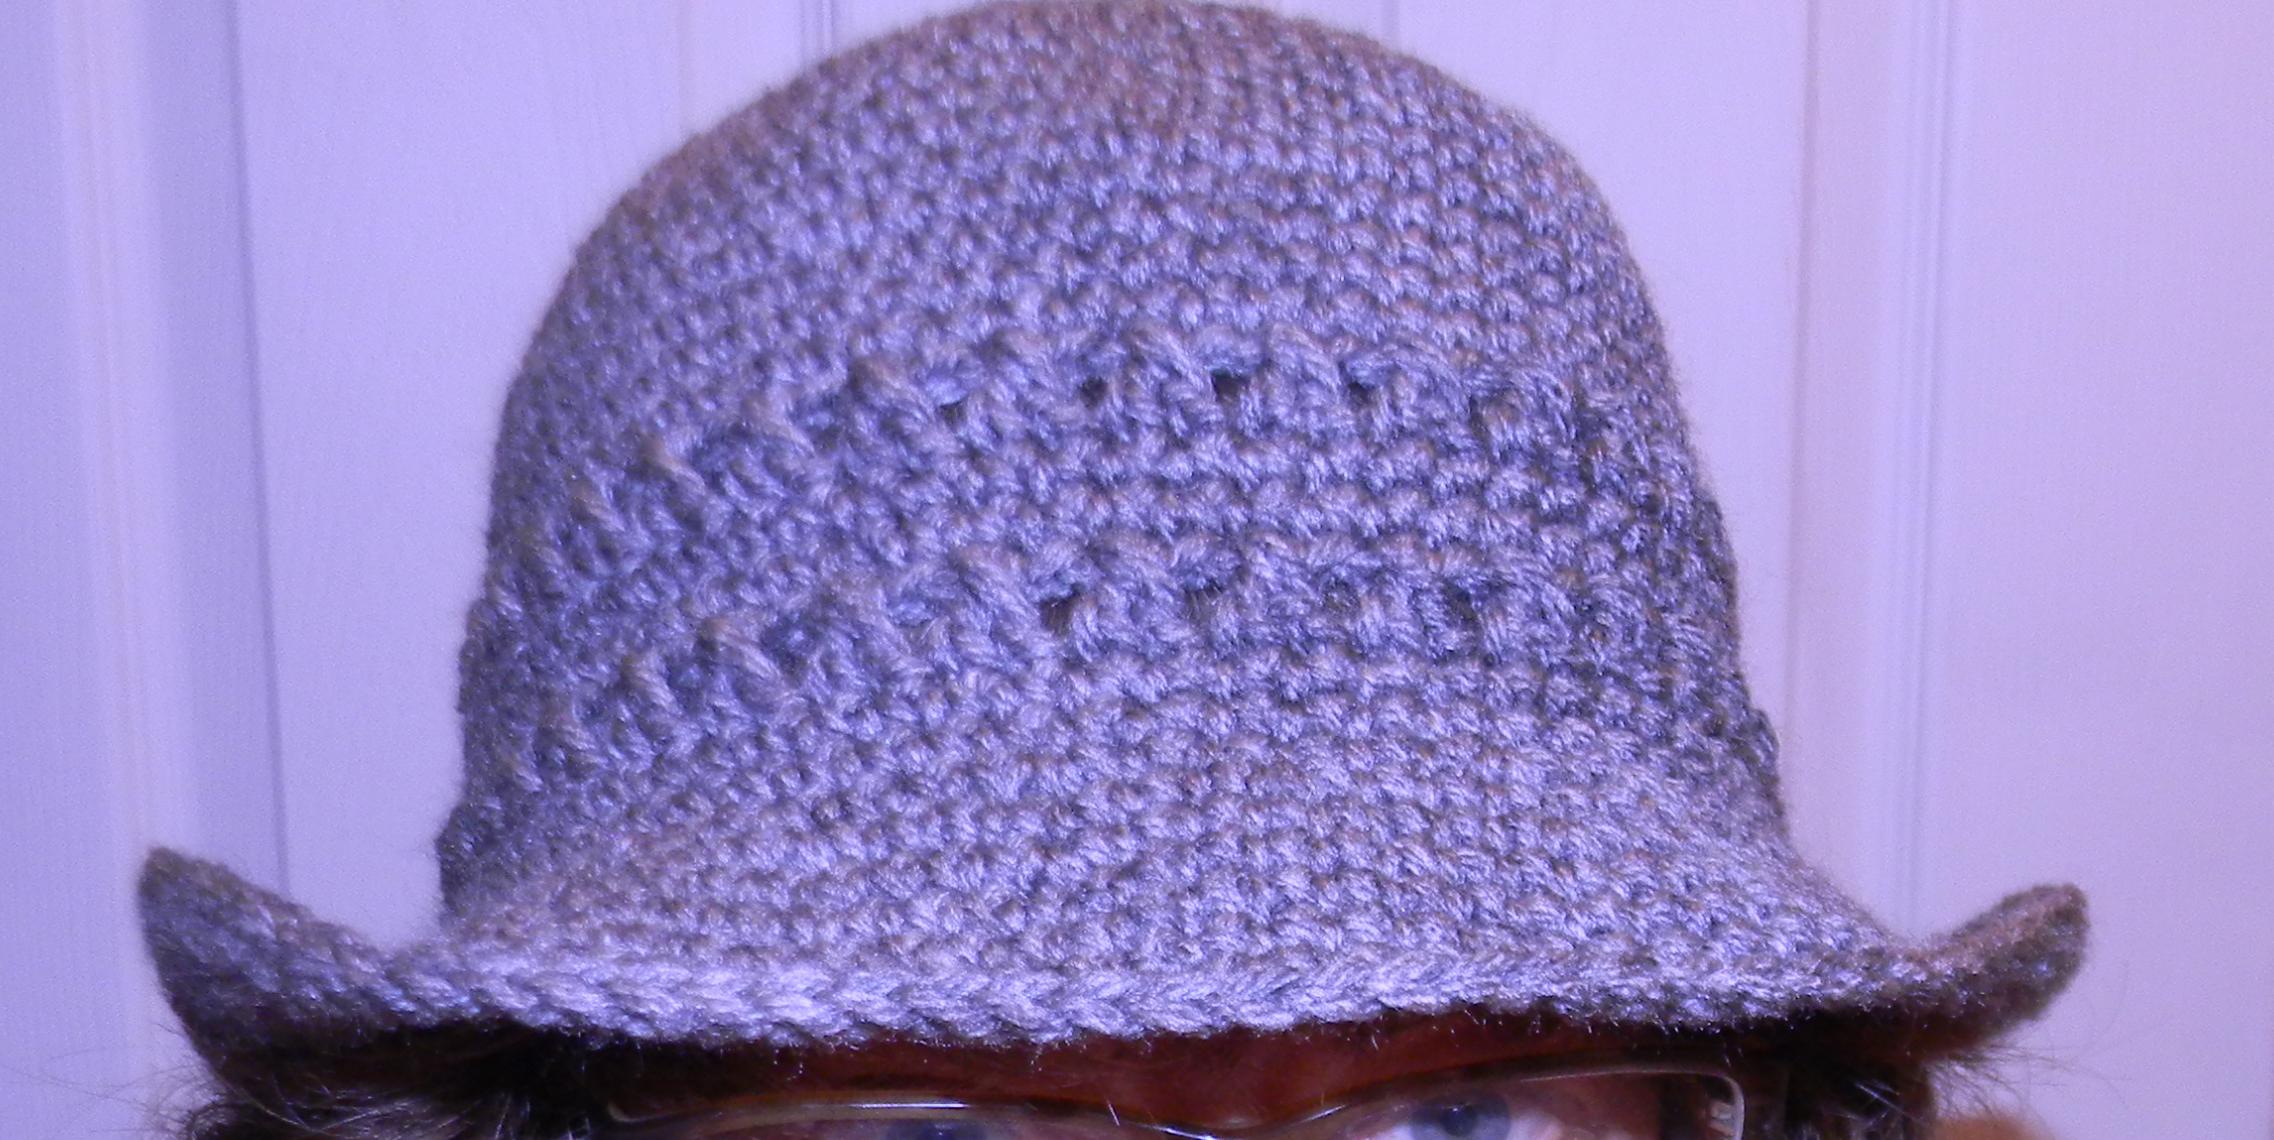 Crochet Hat Pattern Single Crochet : Summer Hat ? Crochet Pattern lifewithkeo